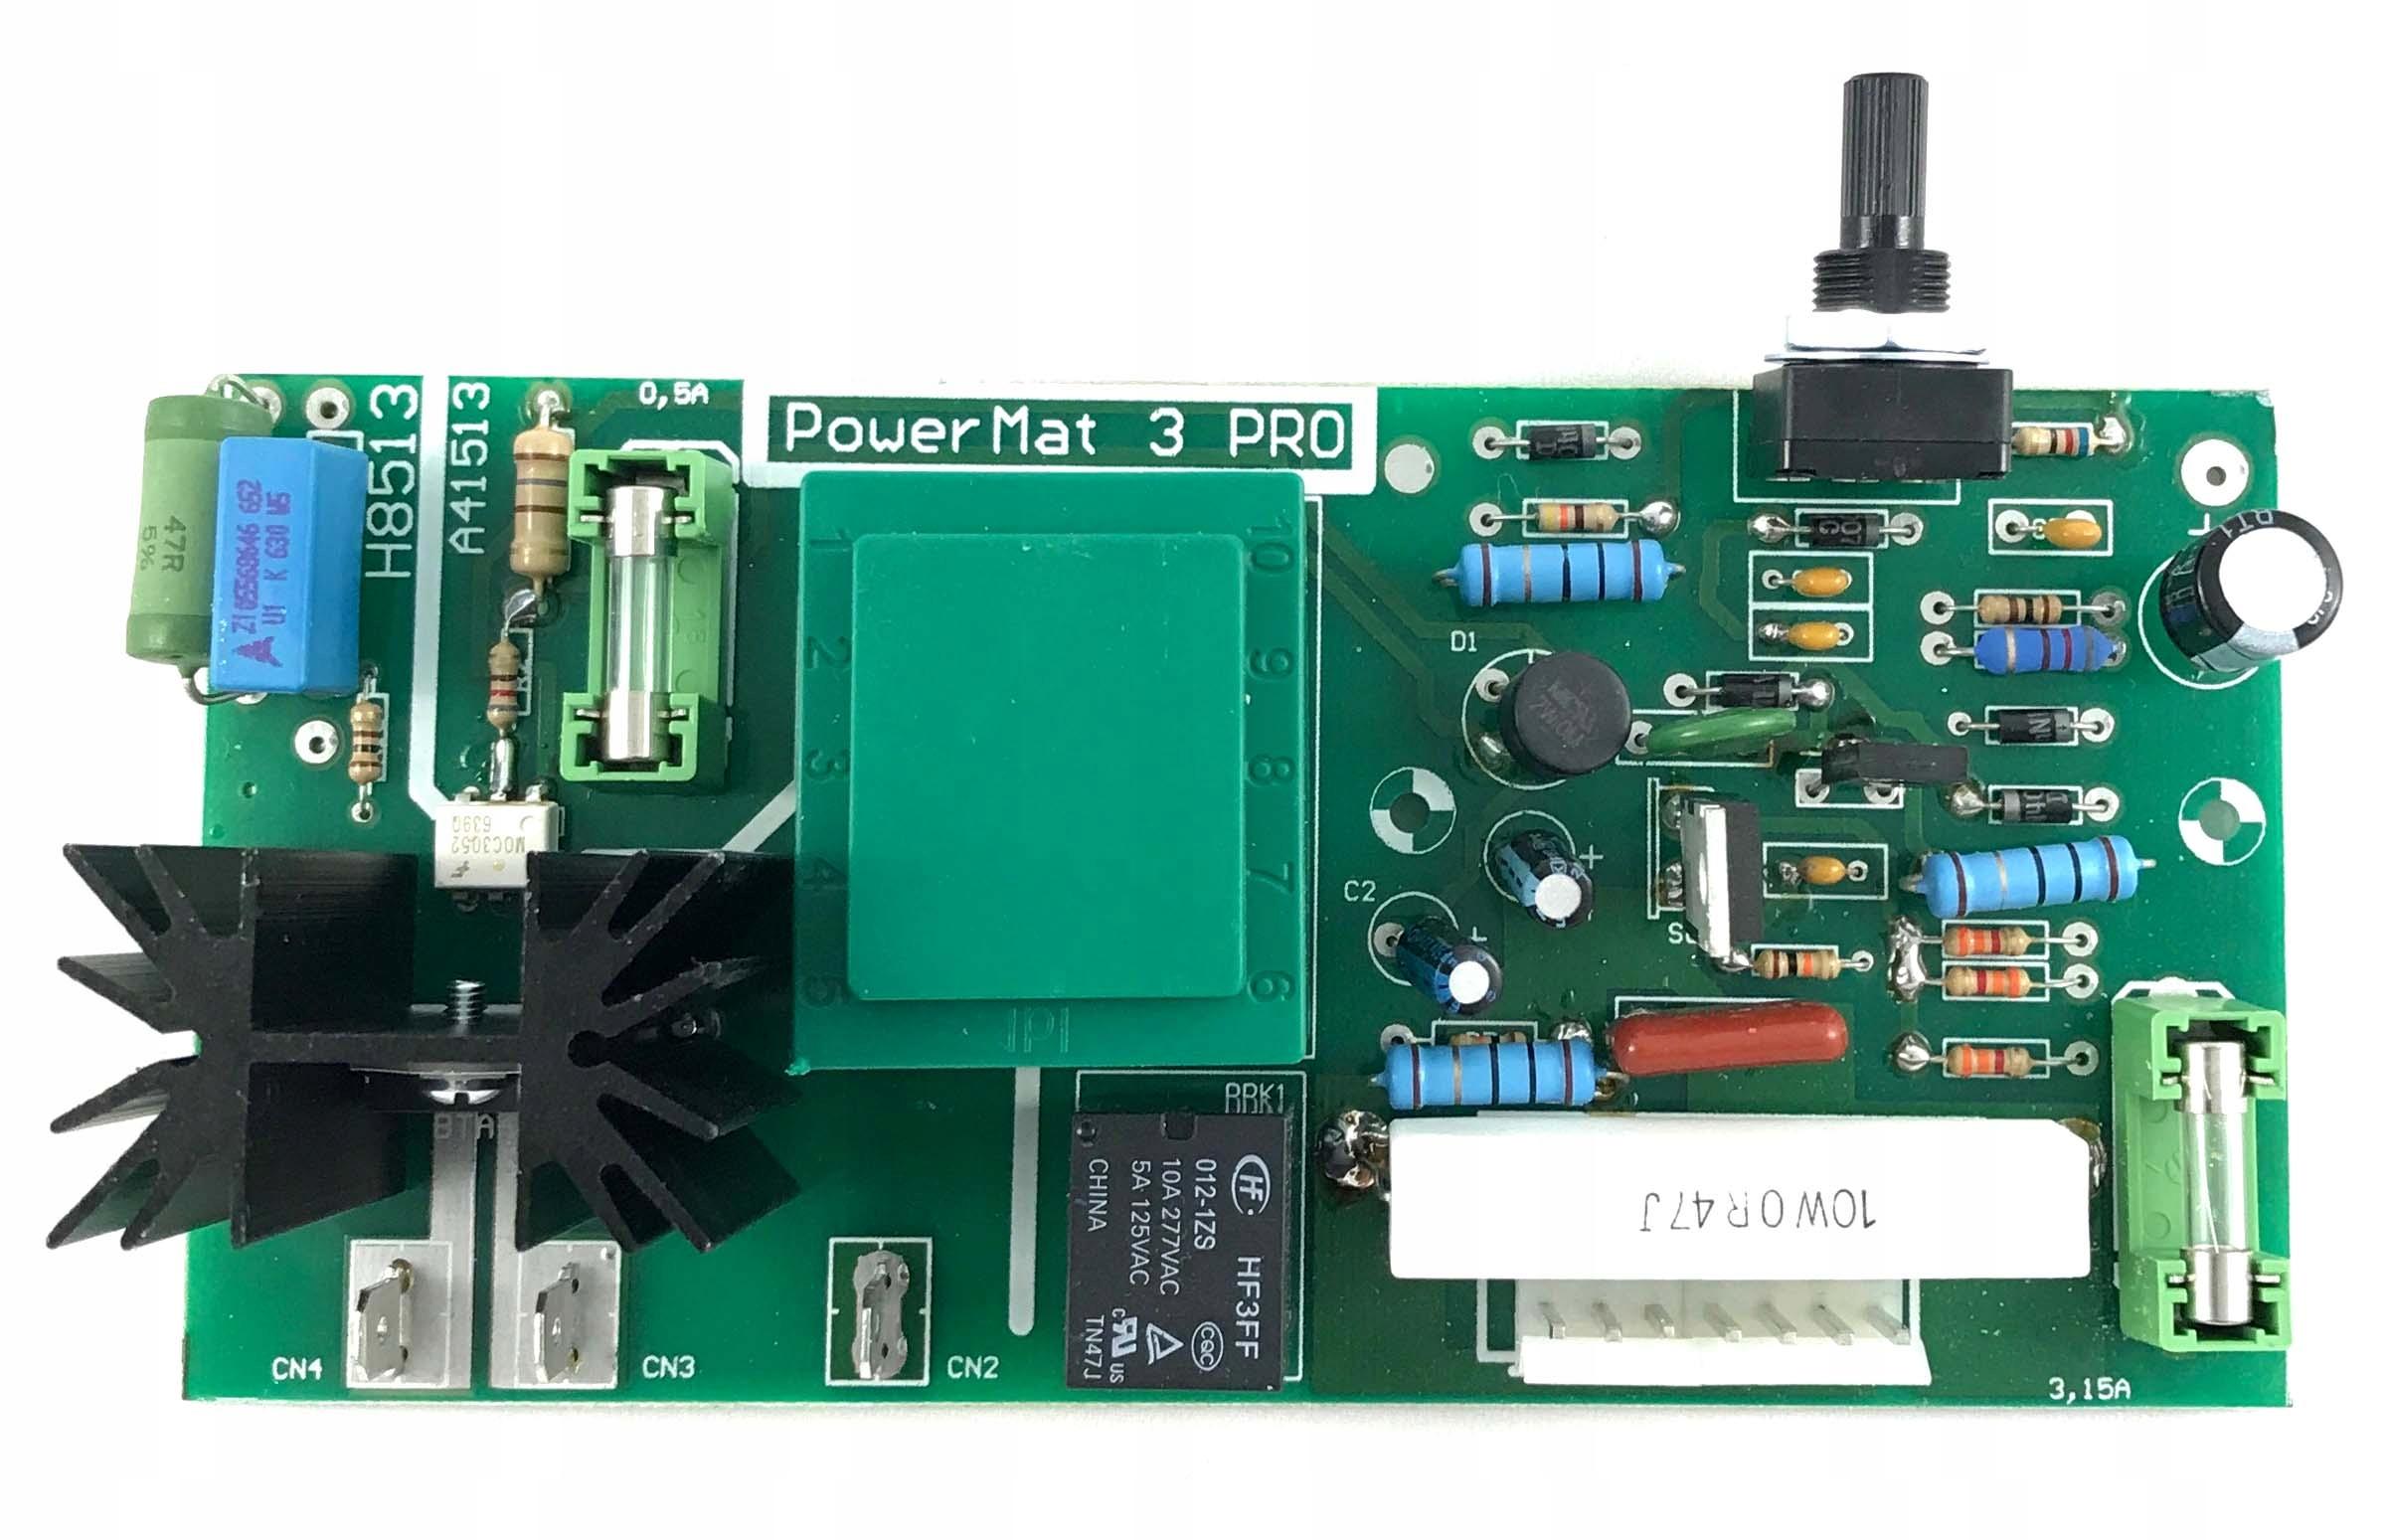 Doska PowerMat 3 PRO H8513 A41513 JQX-29F-A